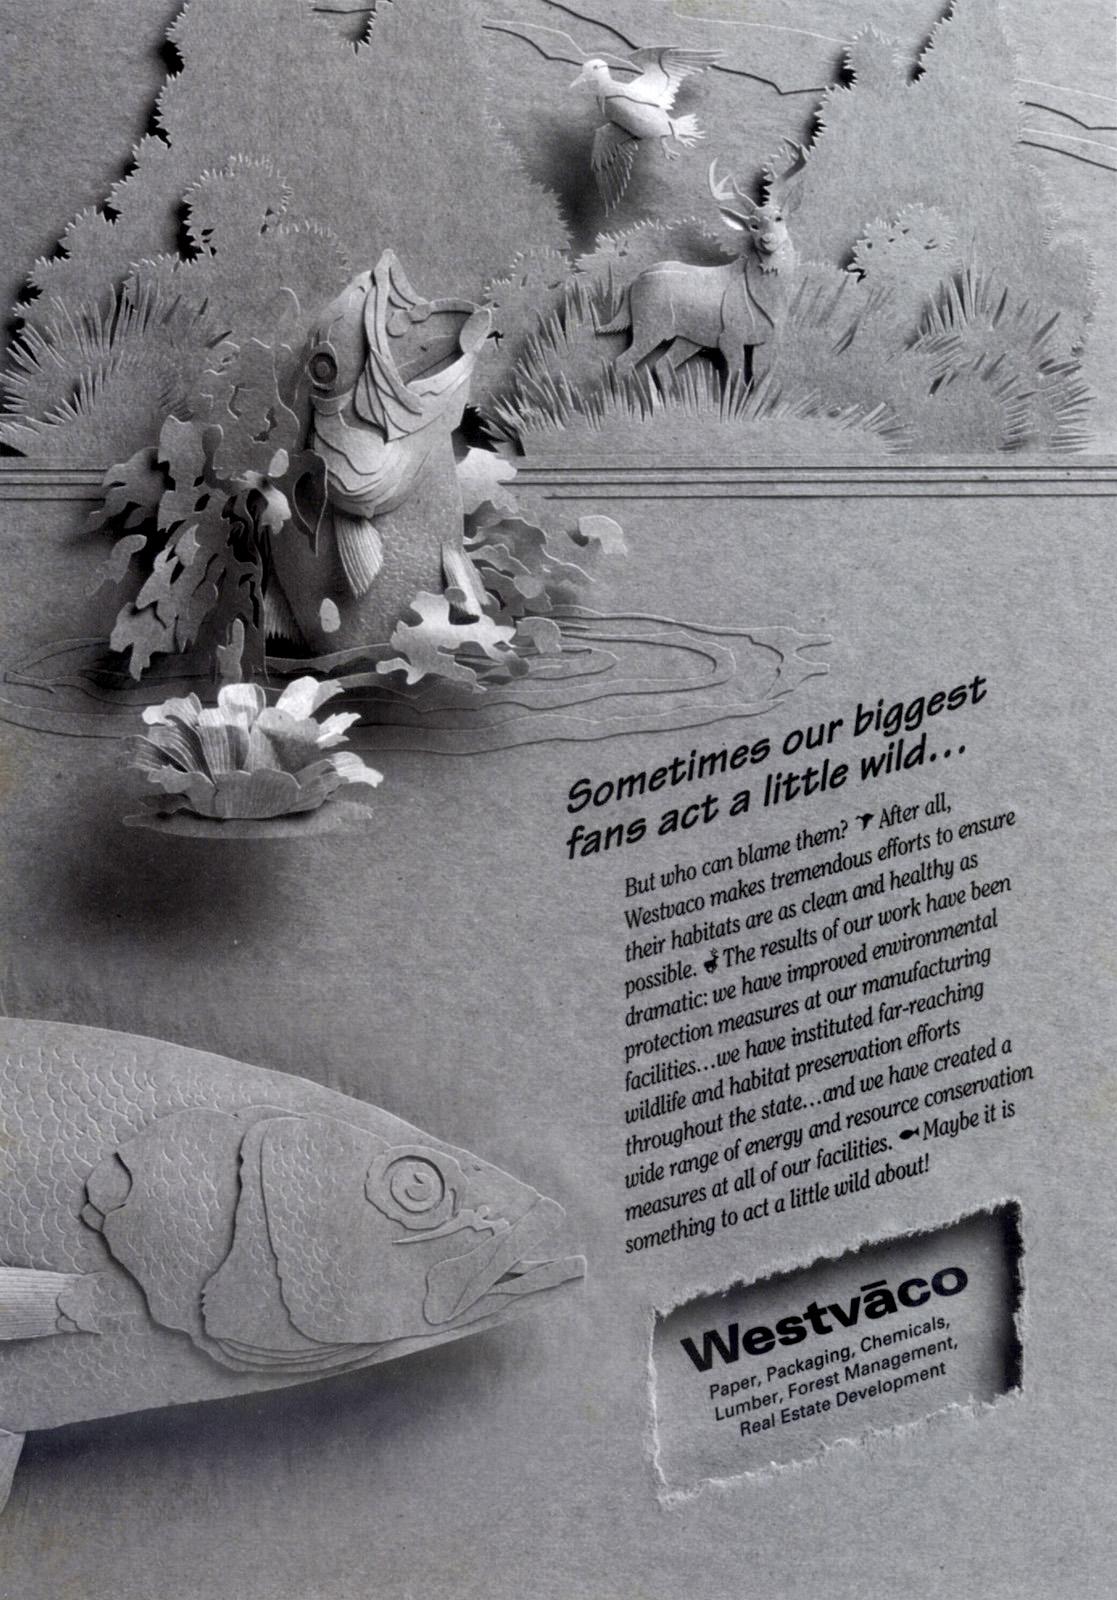 Westvaco Wild Craftpaper Campaign